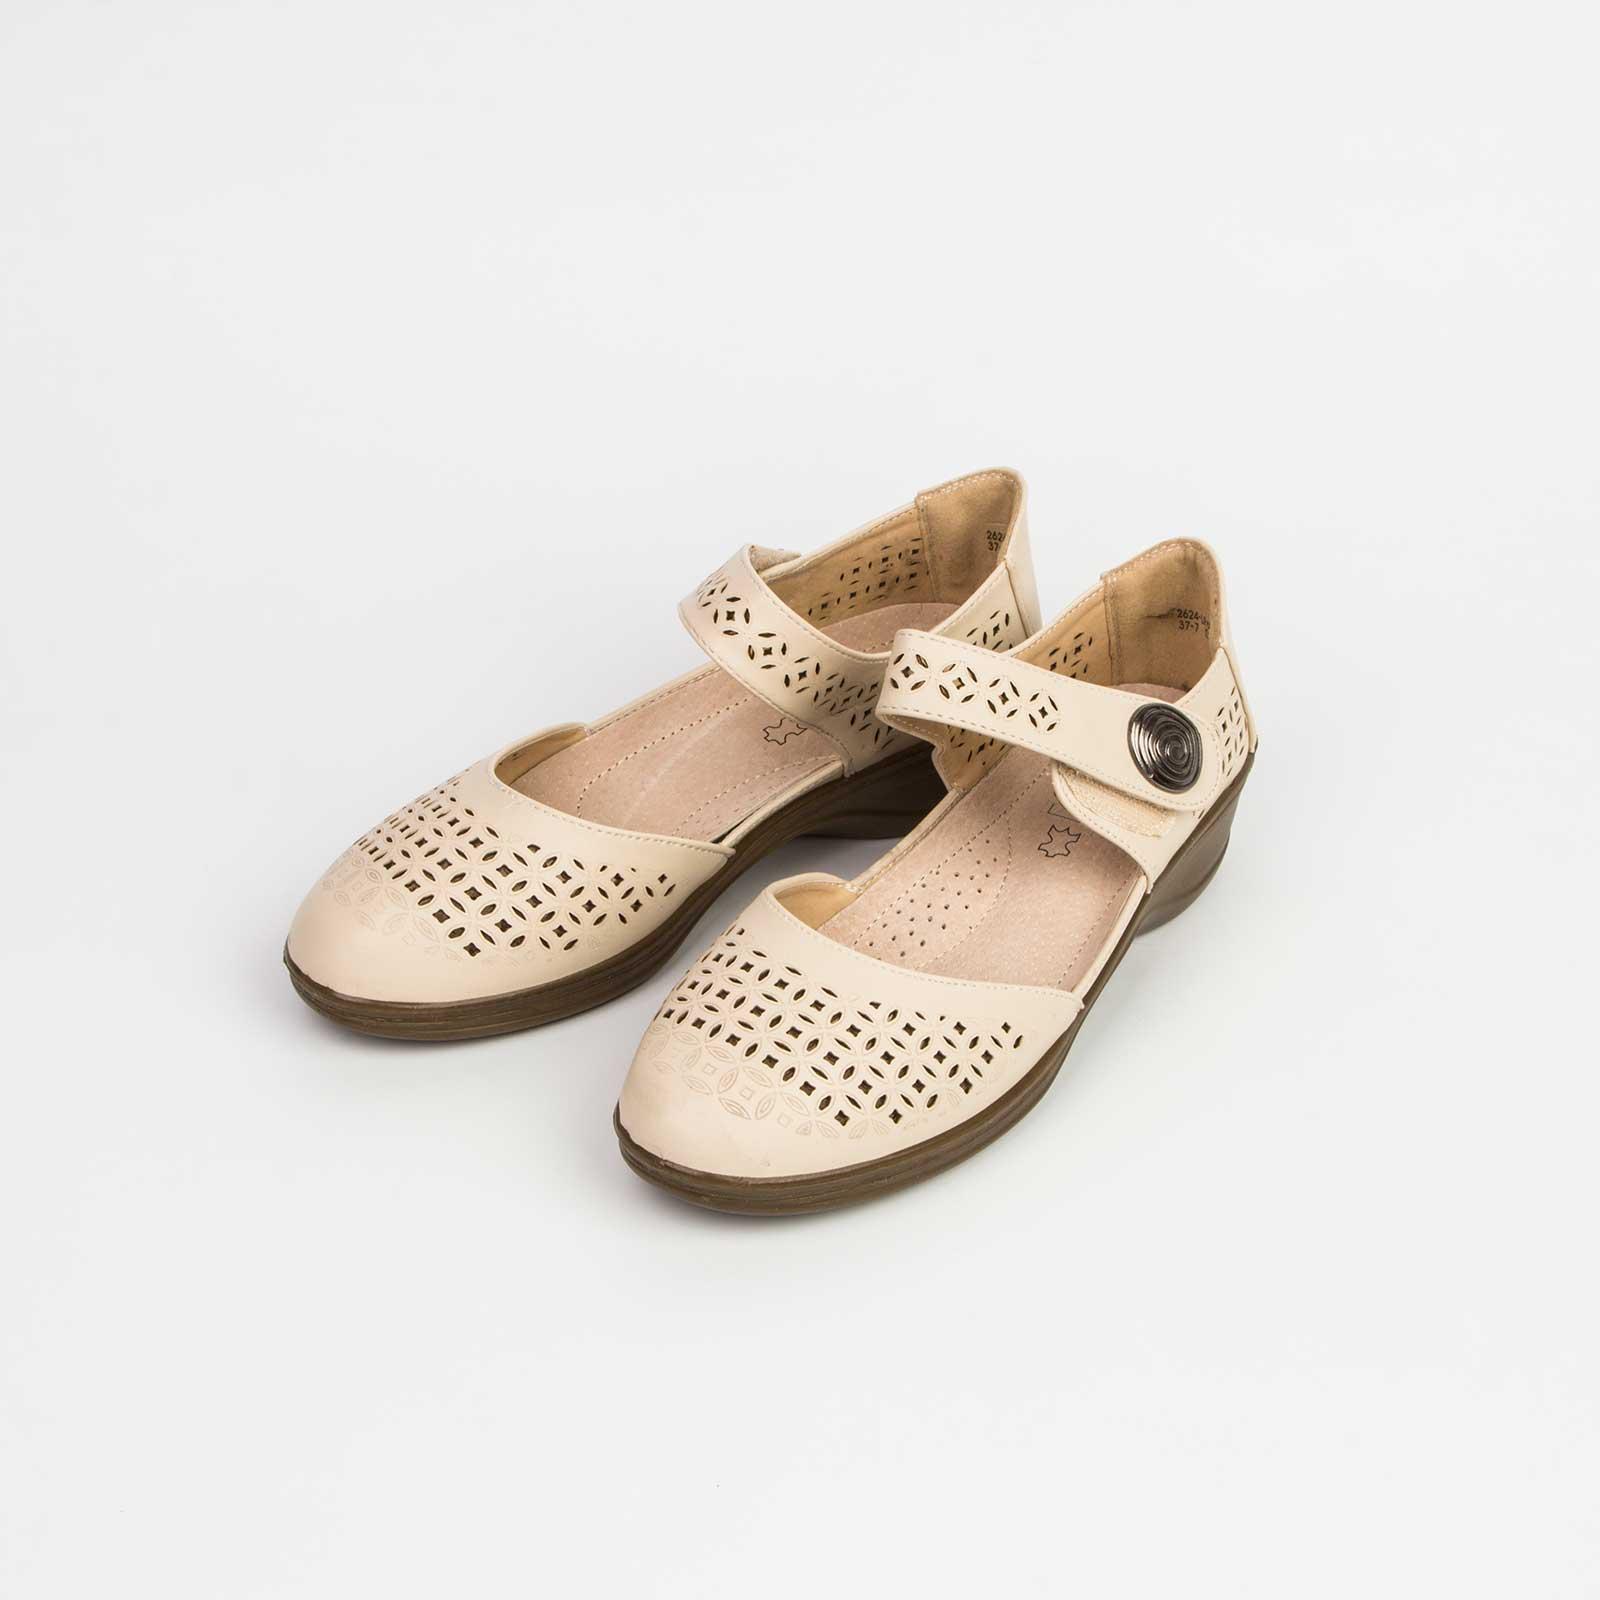 Туфли женские декорированные перфорацией  на удобной подошве